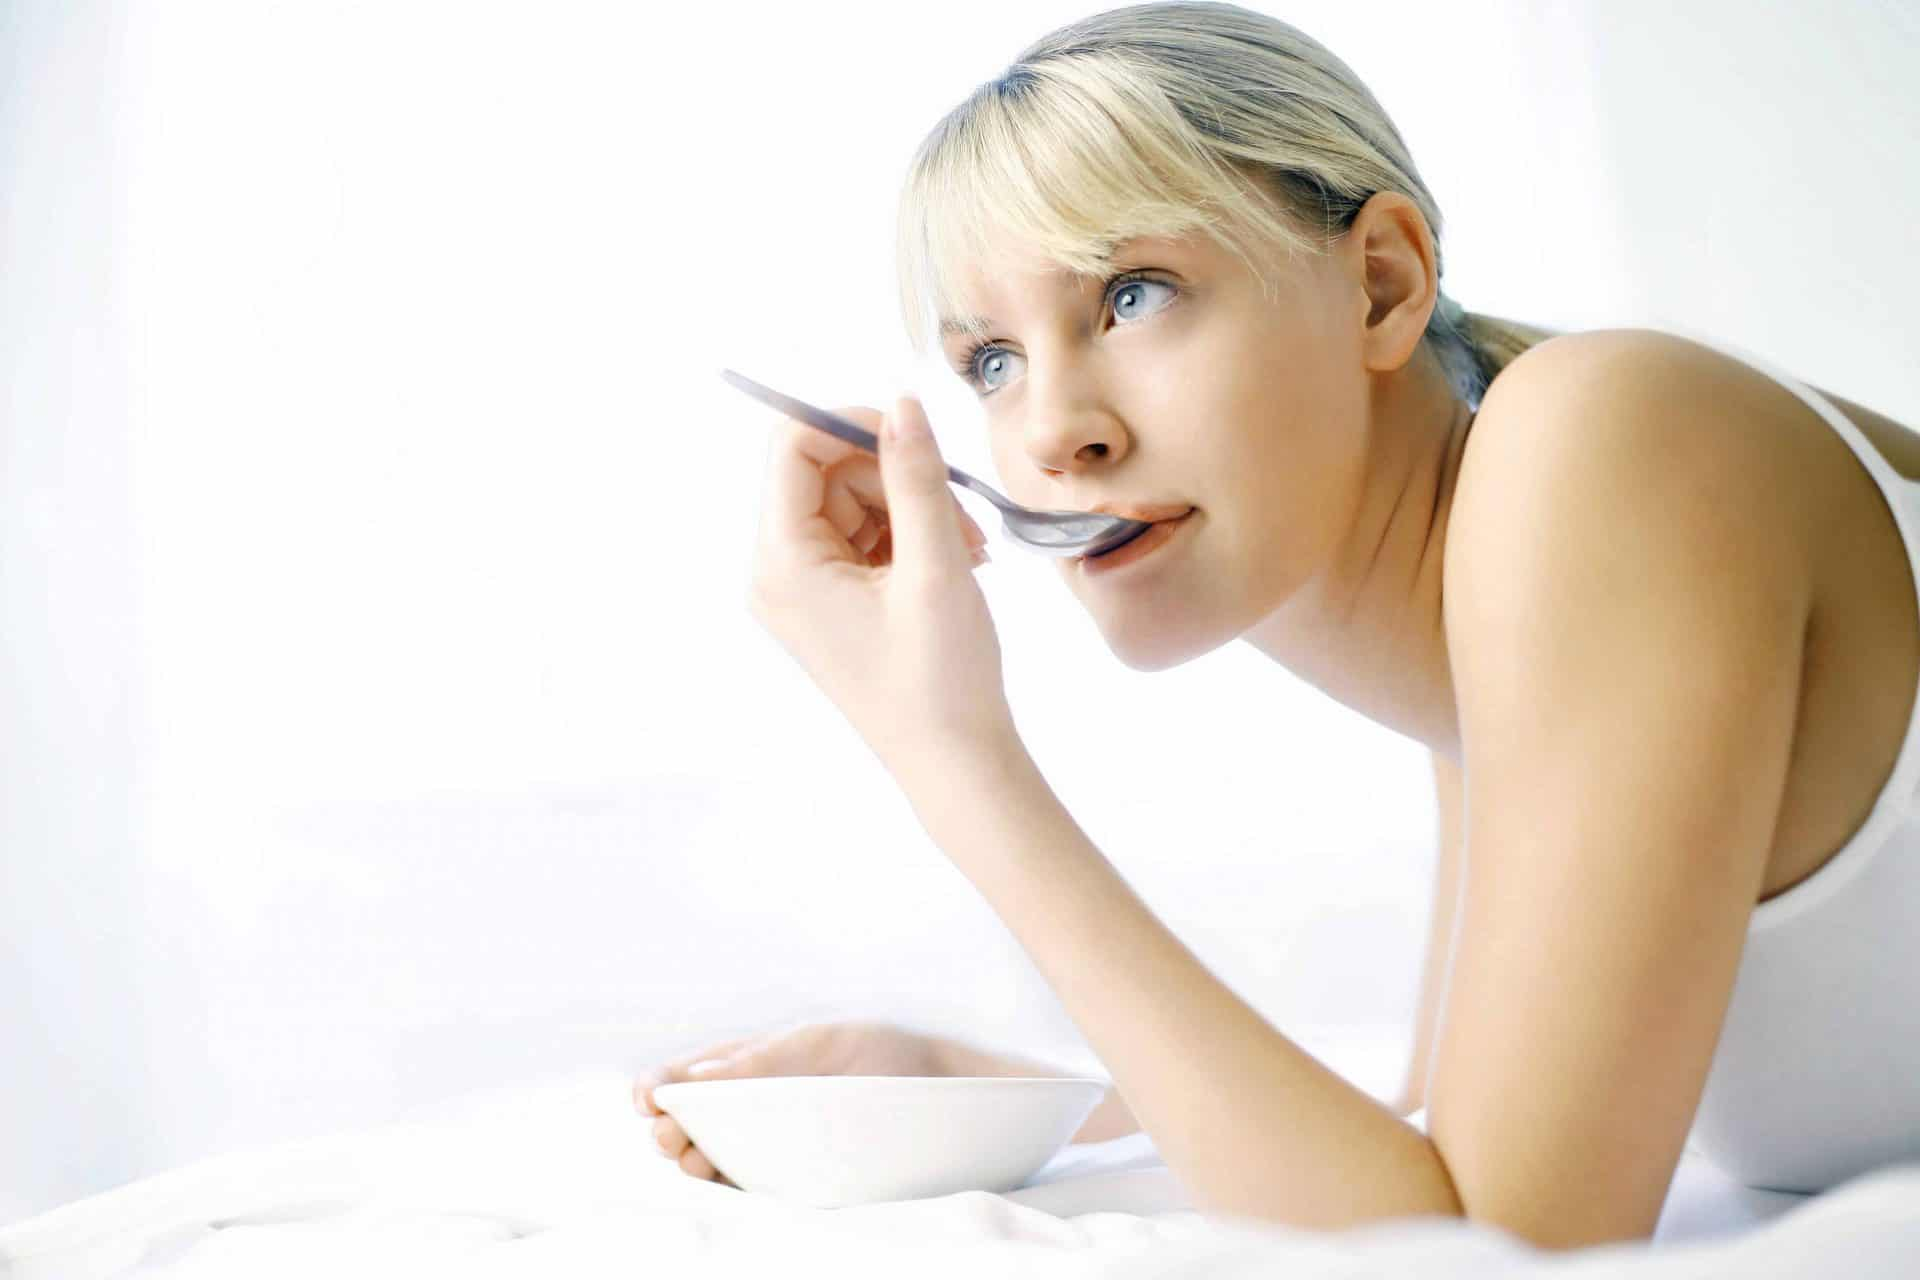 Śniadanie – jeść czy nie jeść, aby schudnąć? Jak powinno wyglądać zdrowe śniadanie?